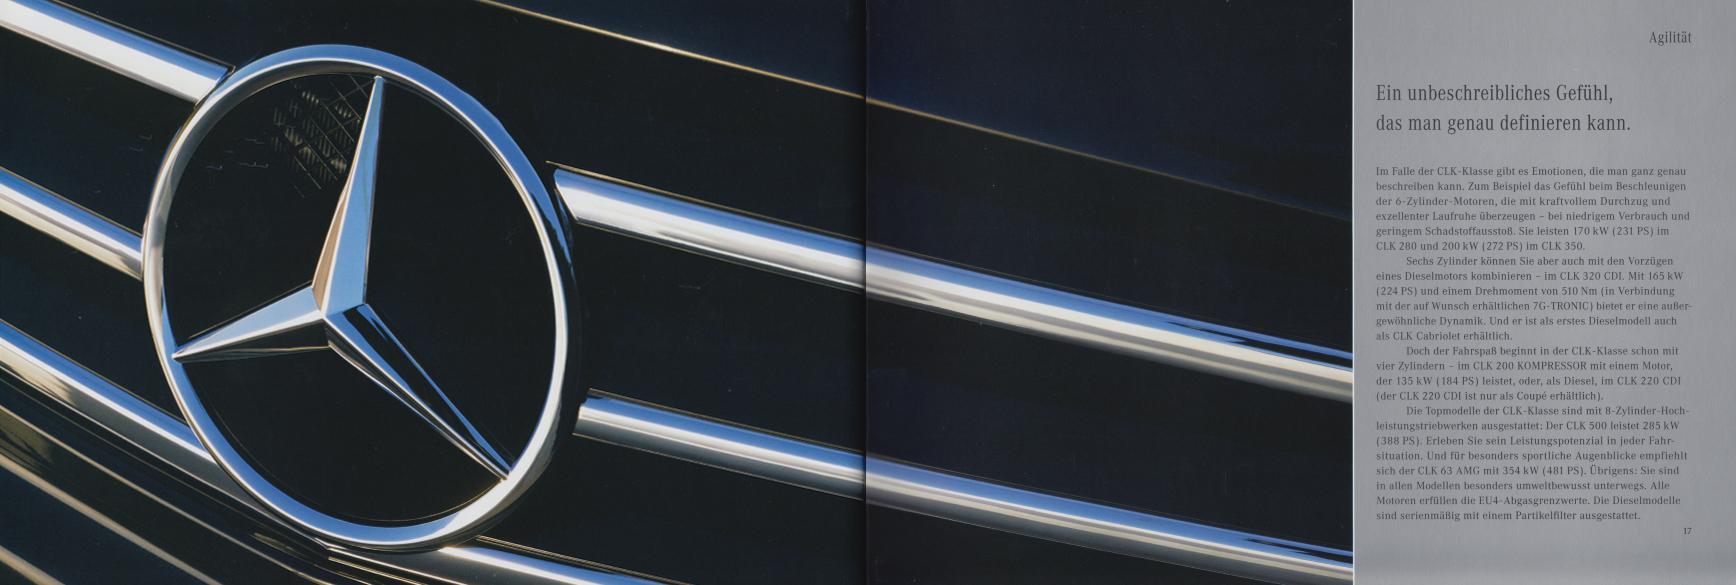 (A/C209): Catálogo 2007 - alemão 009